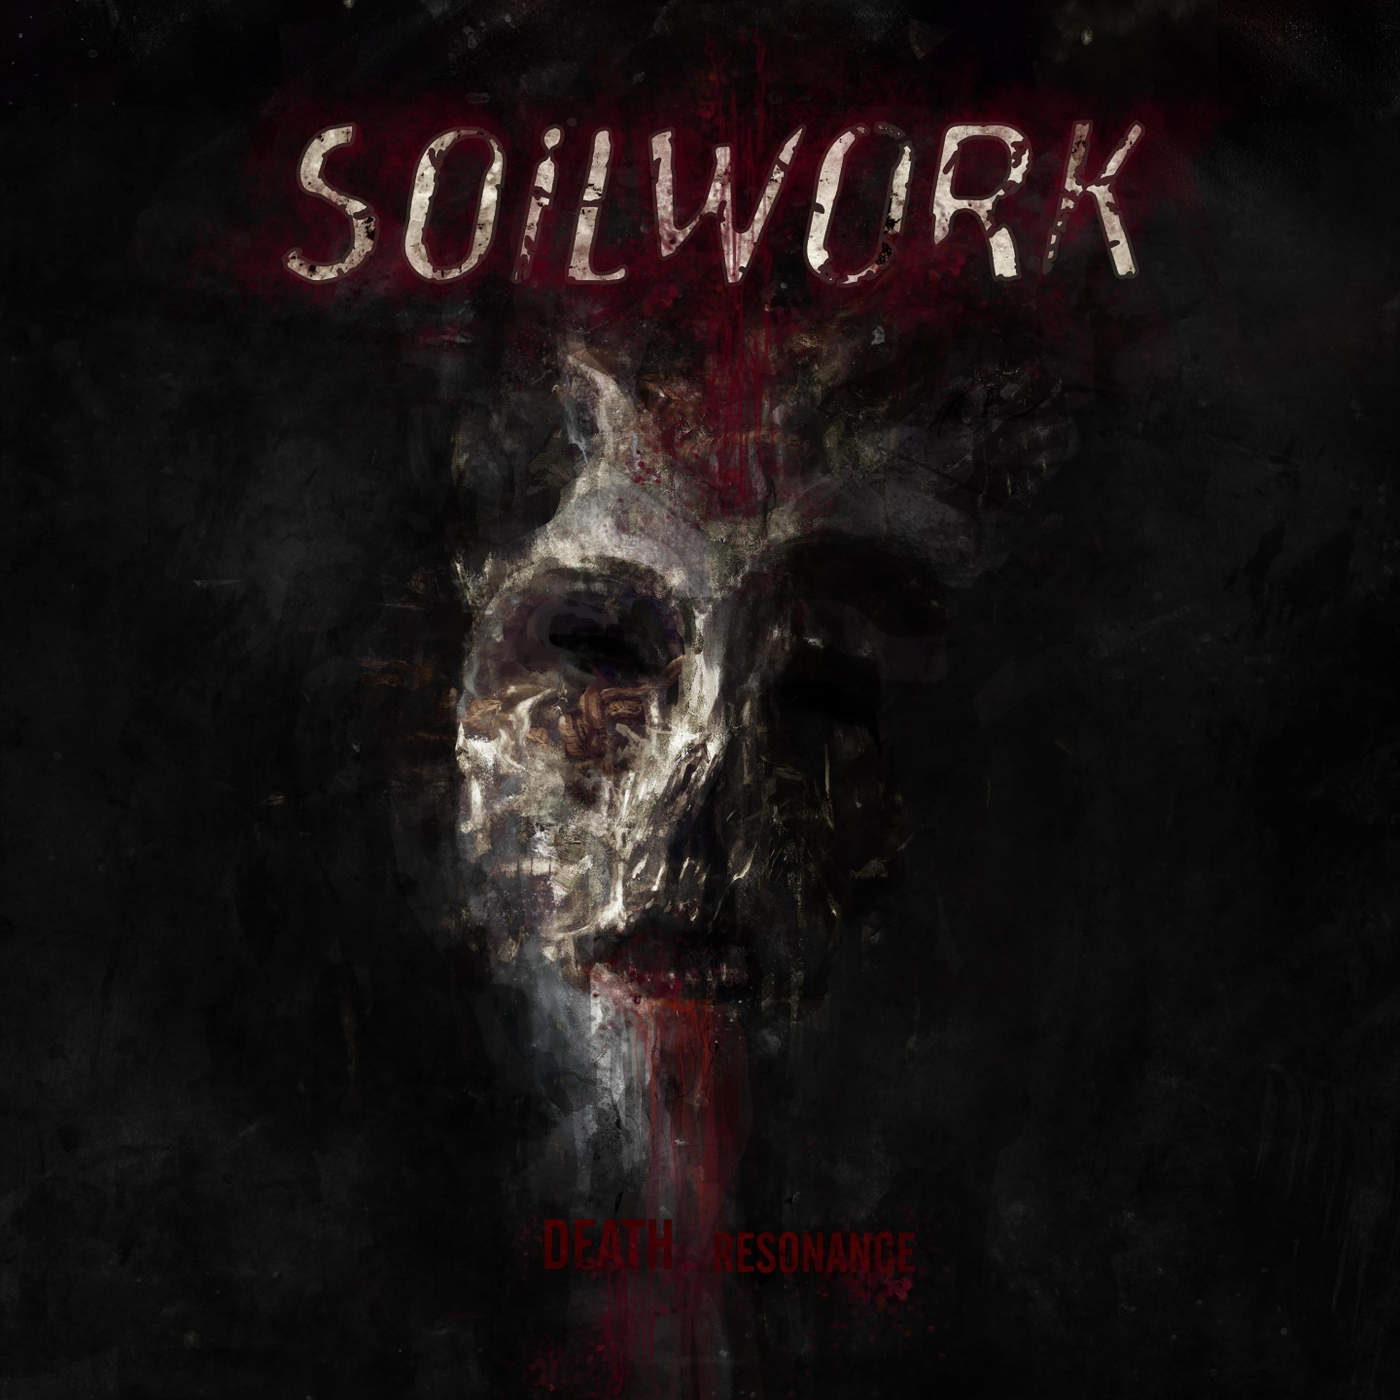 Soilwork - Death Resonance (2016)